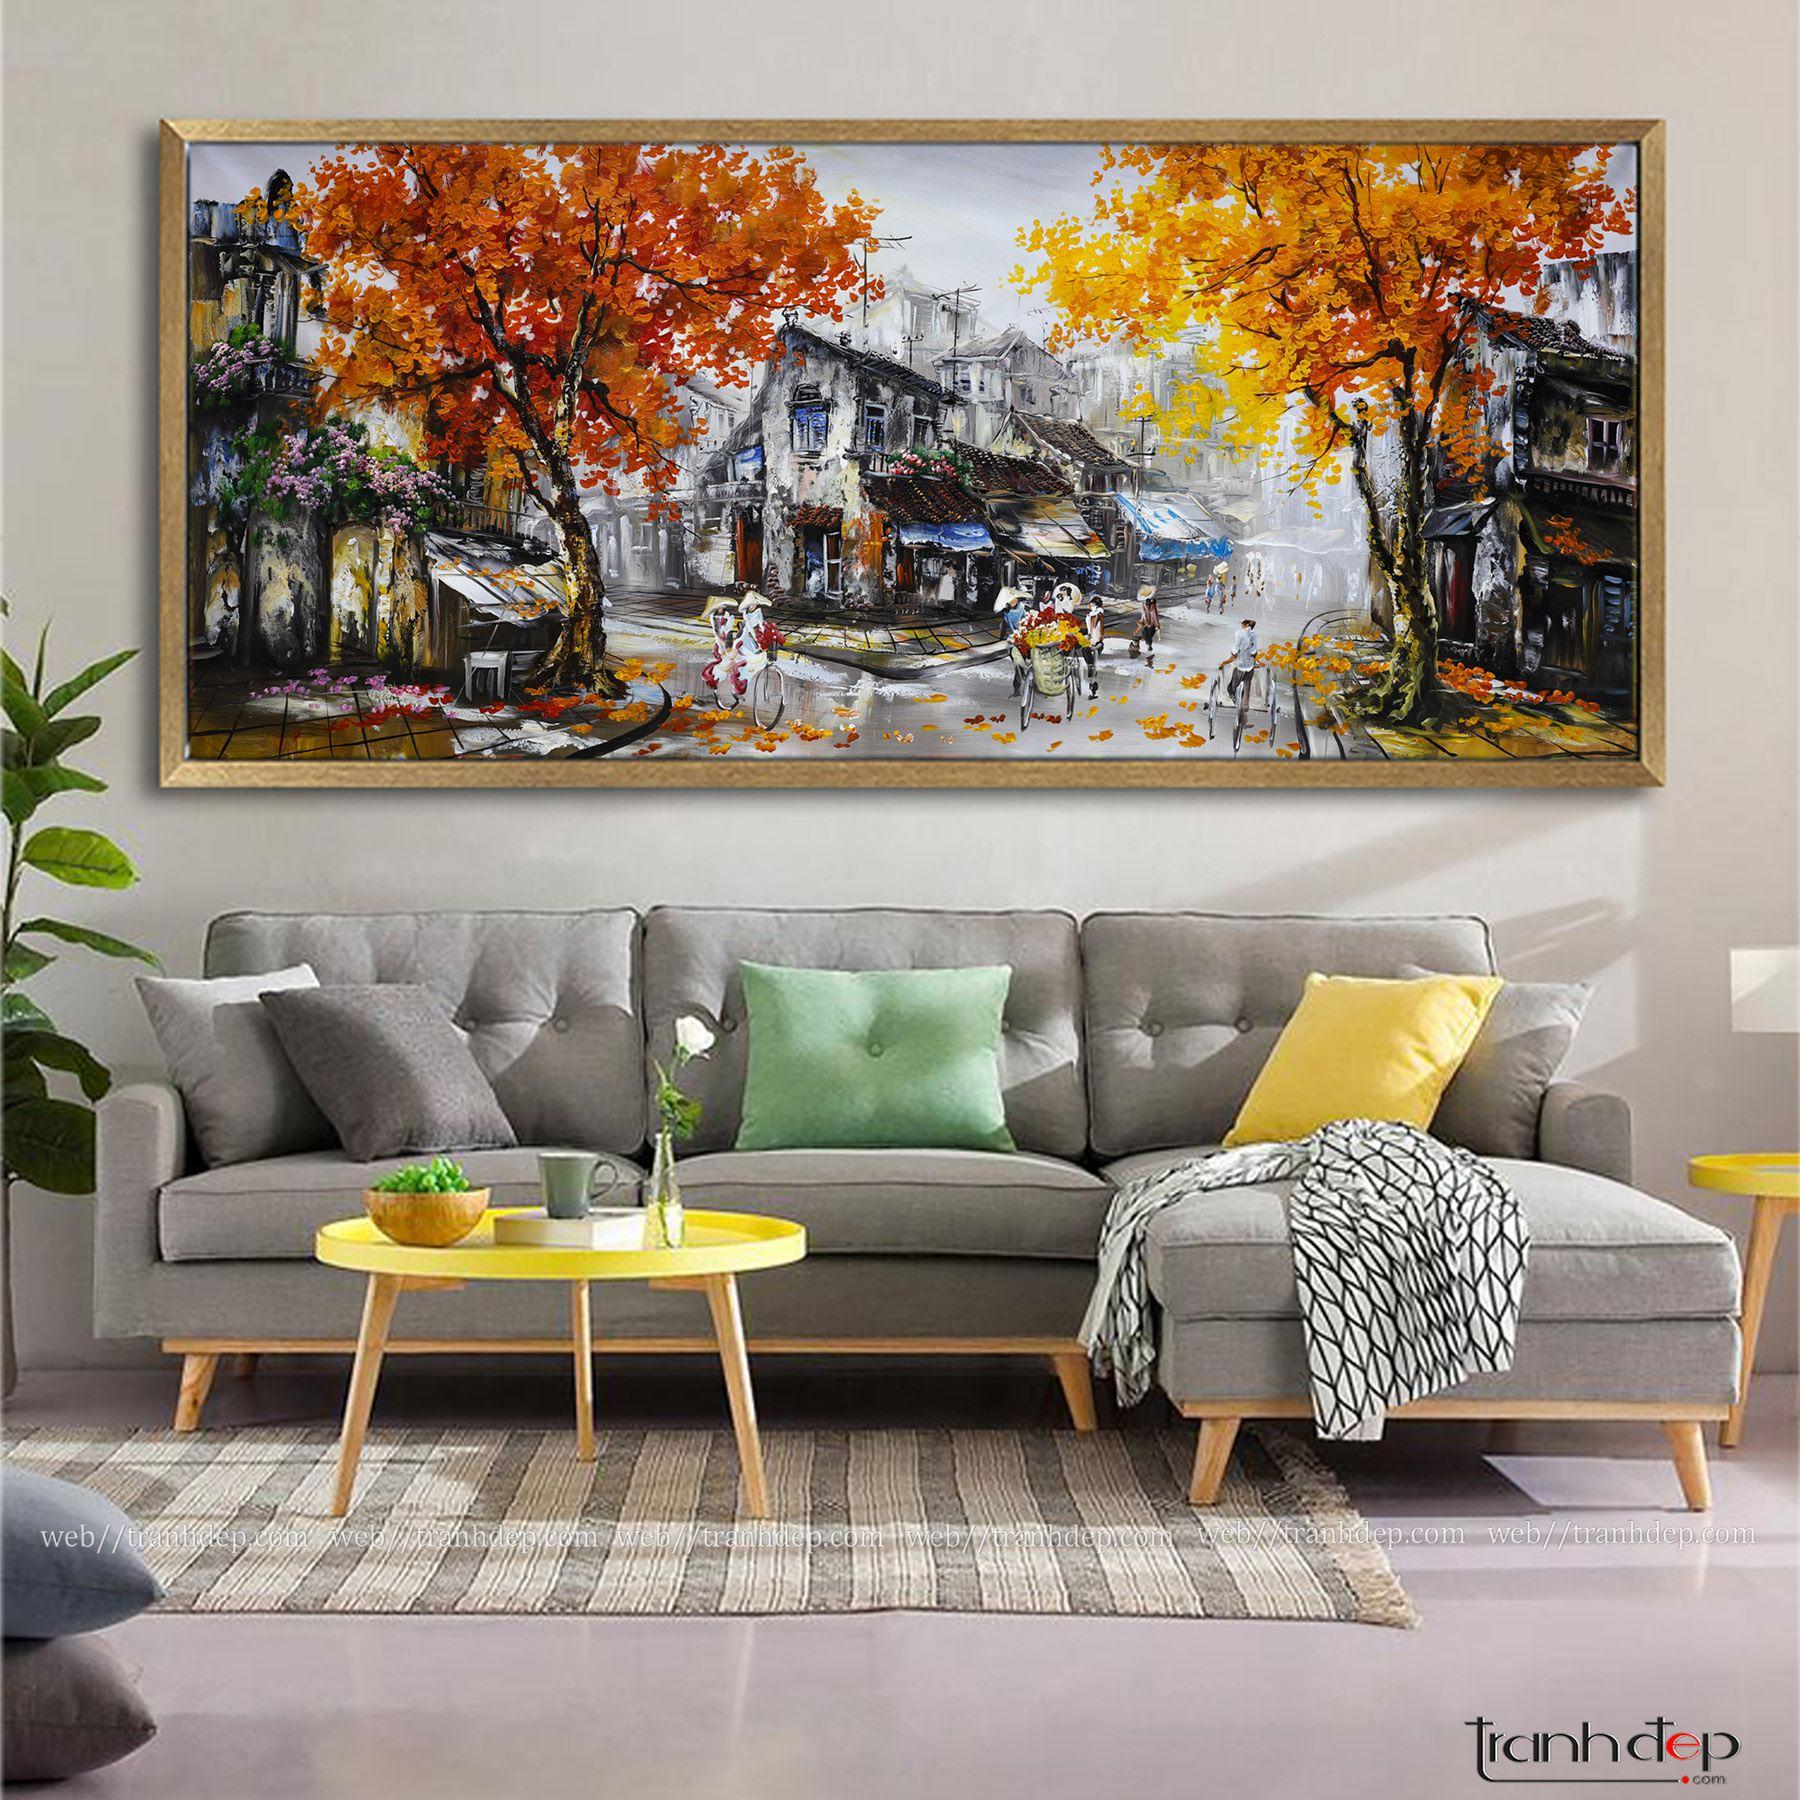 Tranh phố cổ Hà nội vẽ sơn dầu khổ lớn | tranh phố cổ 17